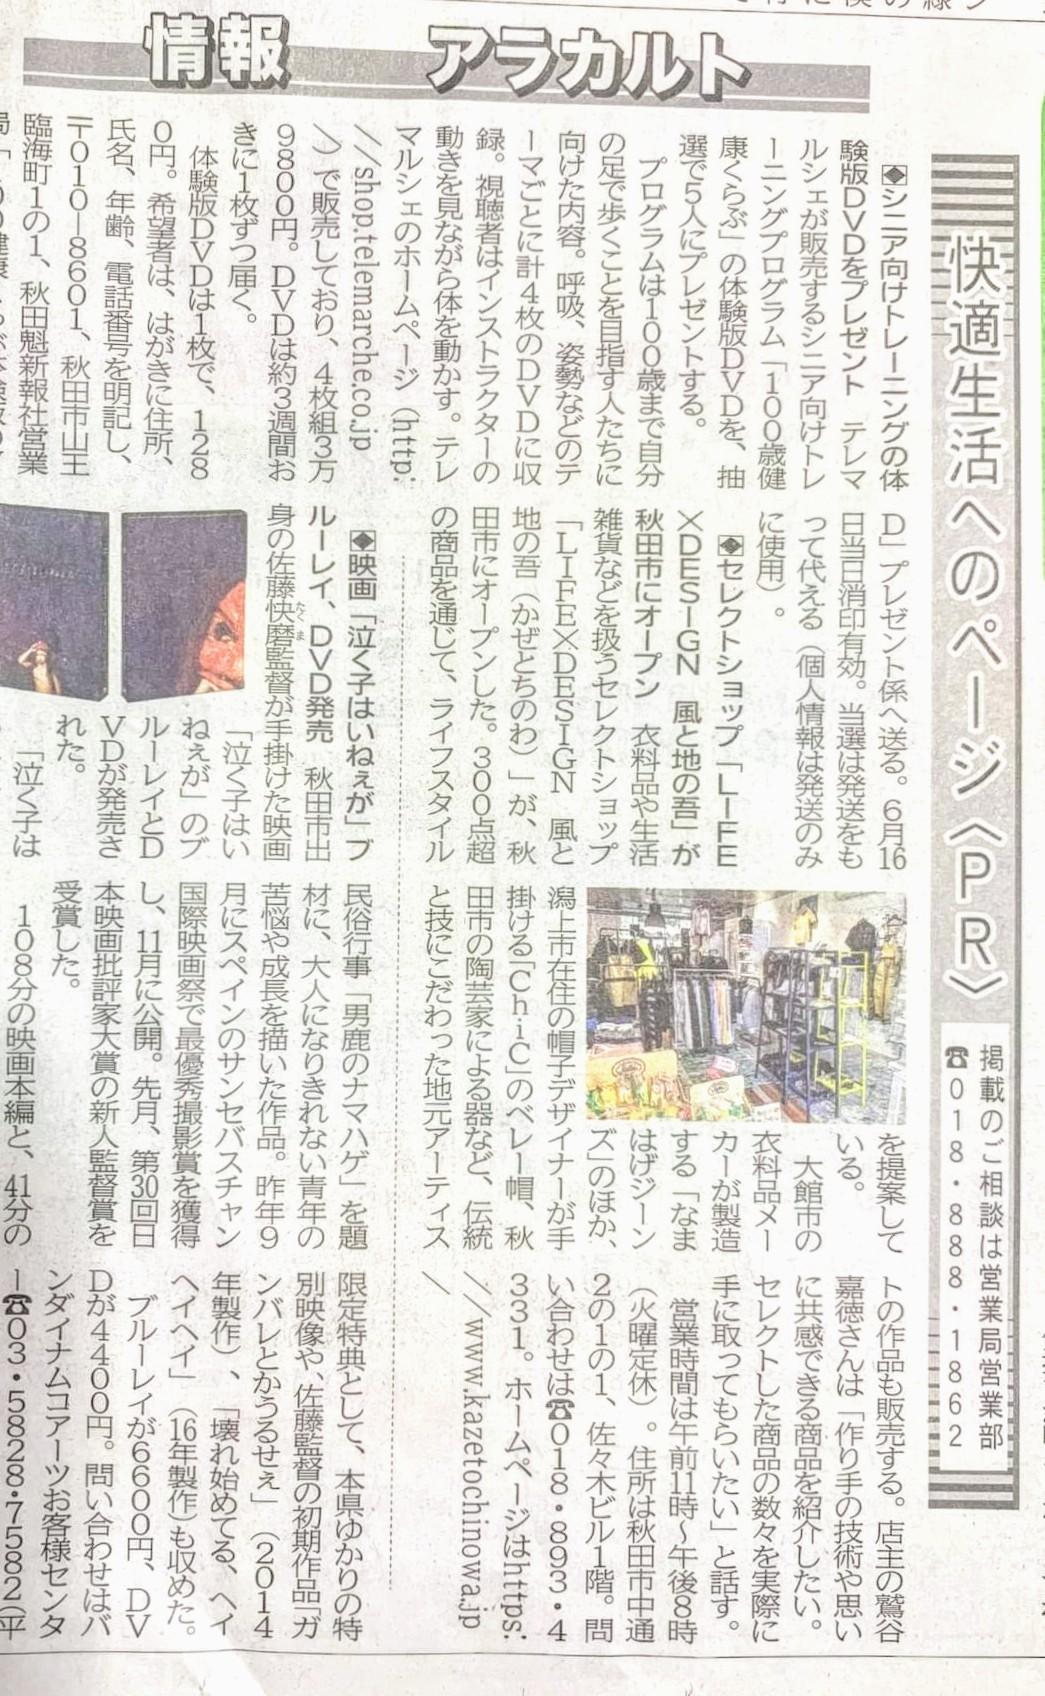 聖火リレーと魁新聞 6/9✨